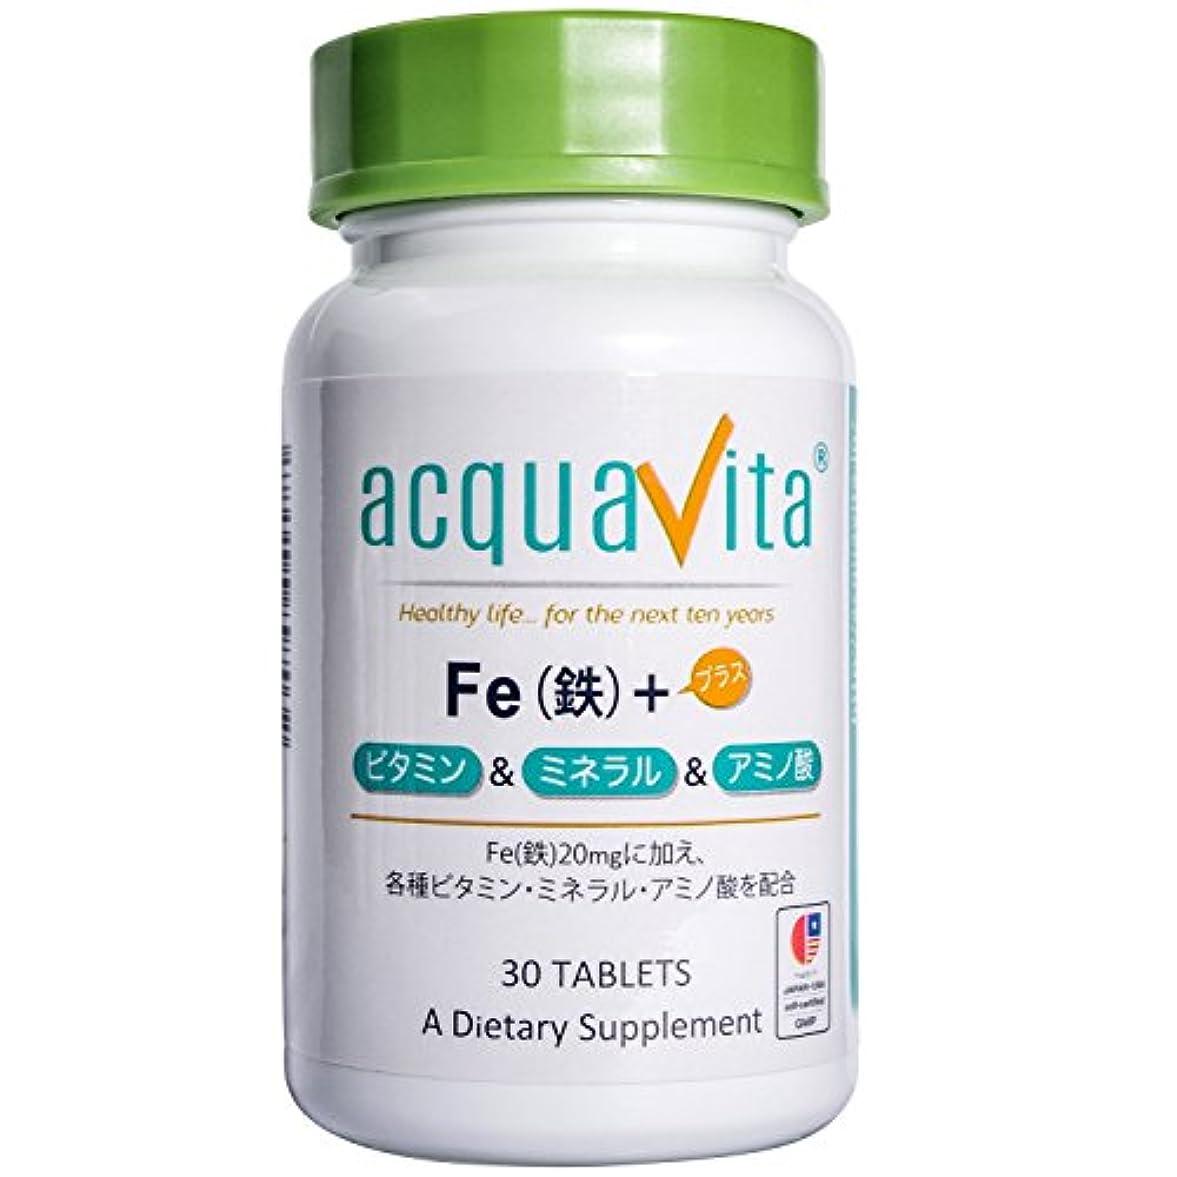 の慈悲でモトリーシマウマacquavita(アクアヴィータ) Fe(鉄)+ビタミン?ミネラル?アミノ酸 30粒